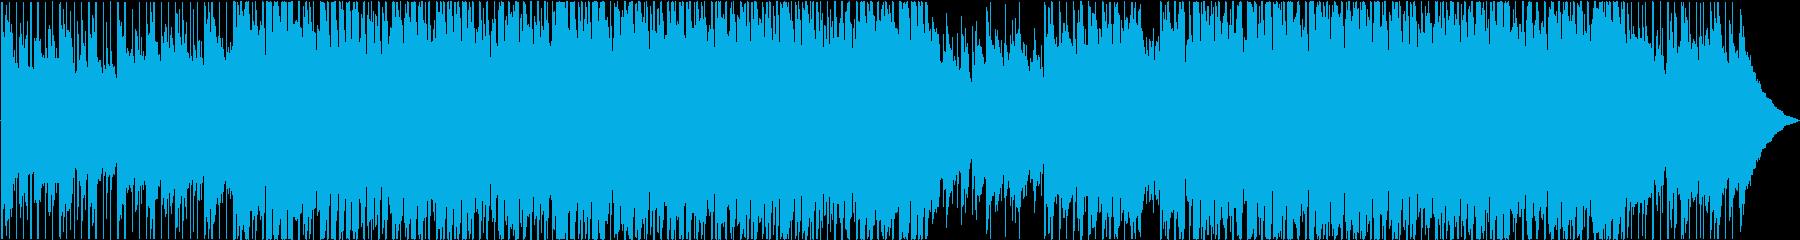 美しいハッピーアコースティック構成の再生済みの波形